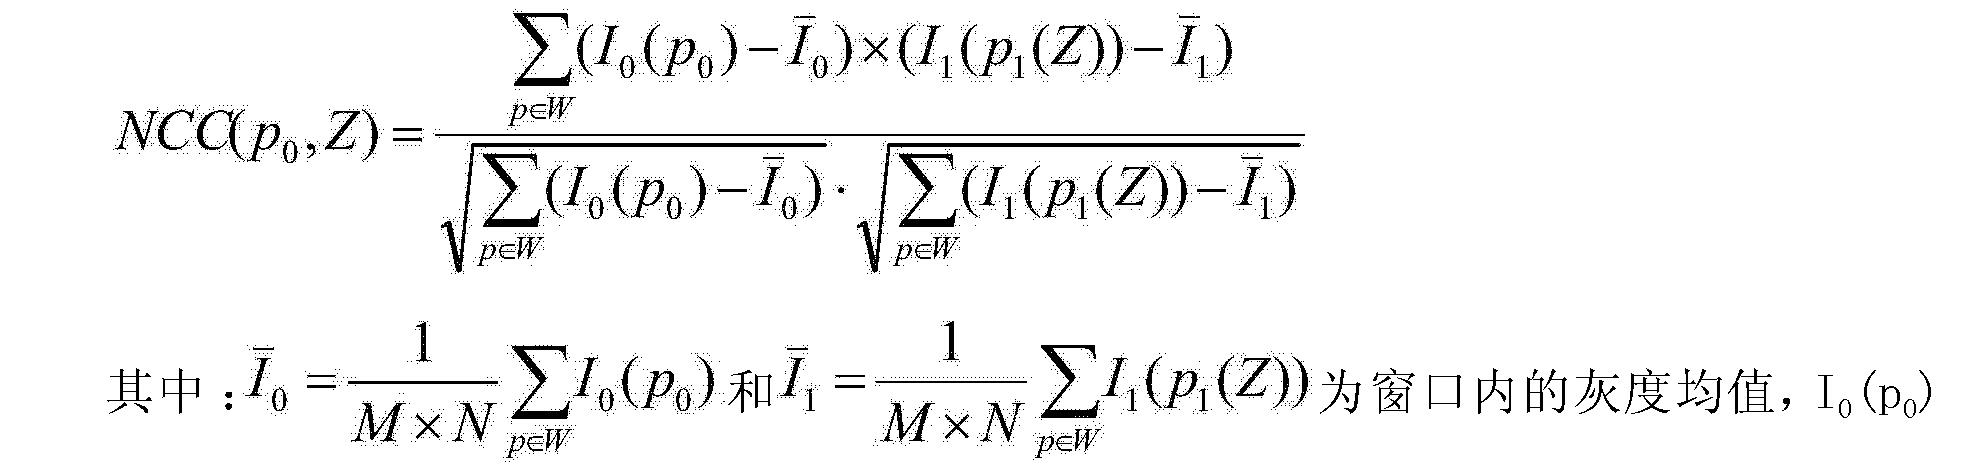 計算機 余 因子 行列